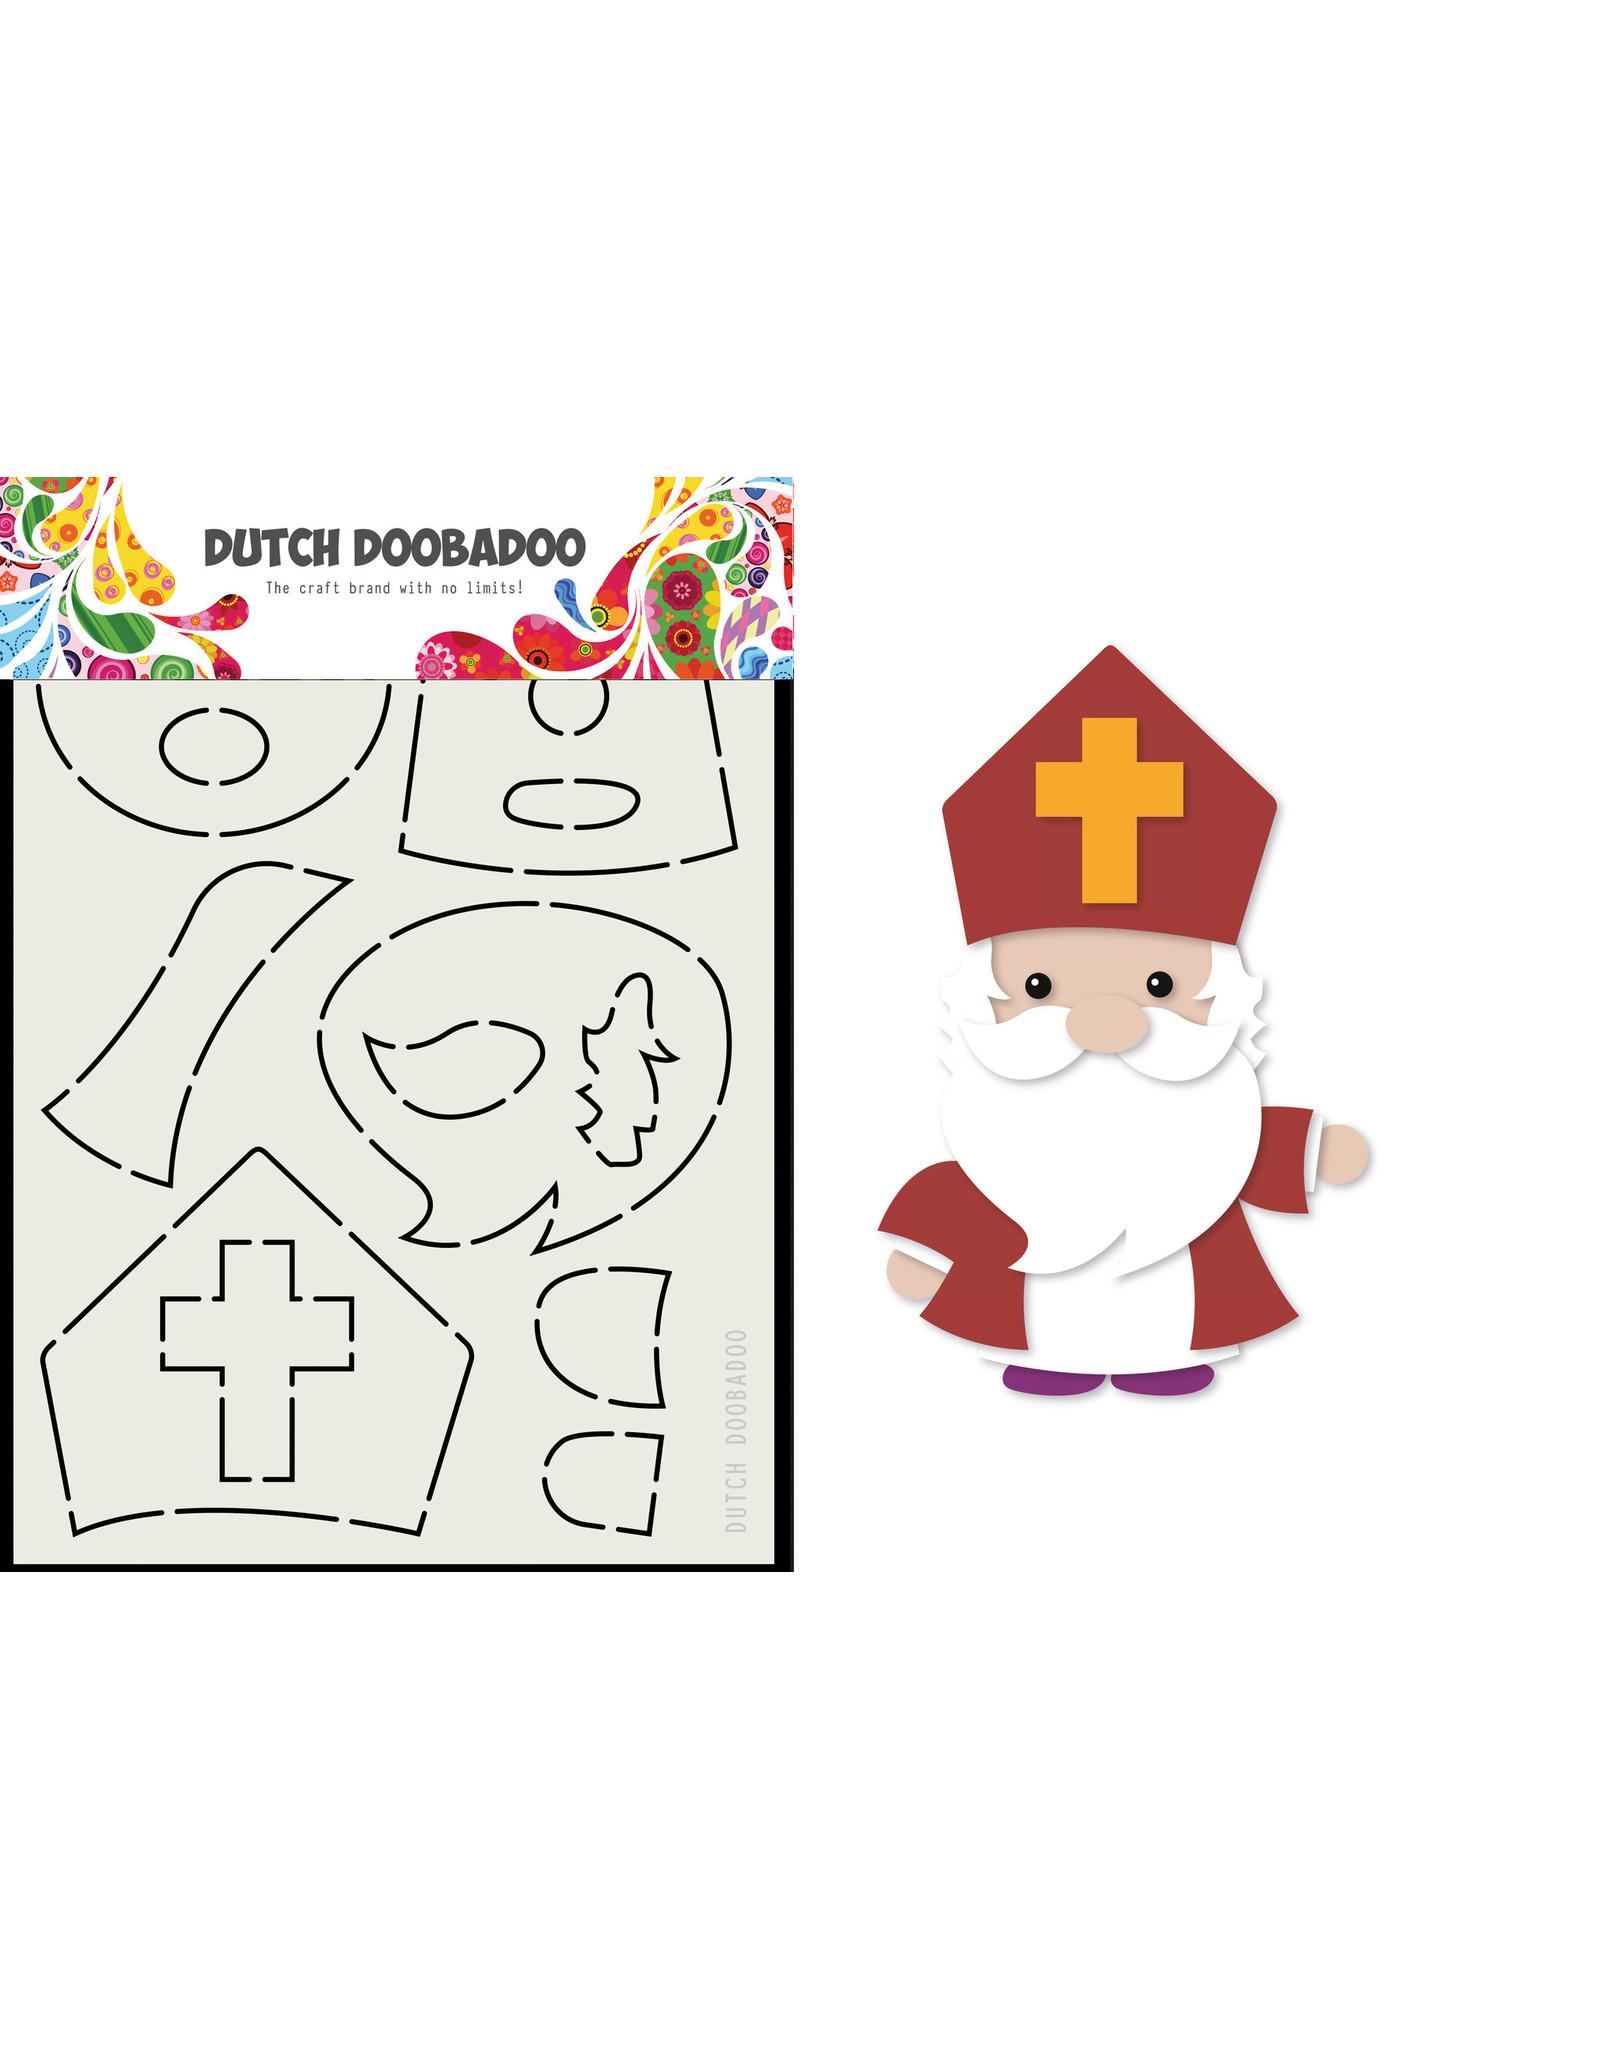 Dutch Doobadoo DDBD Card Art Built up Sinterklaas A5